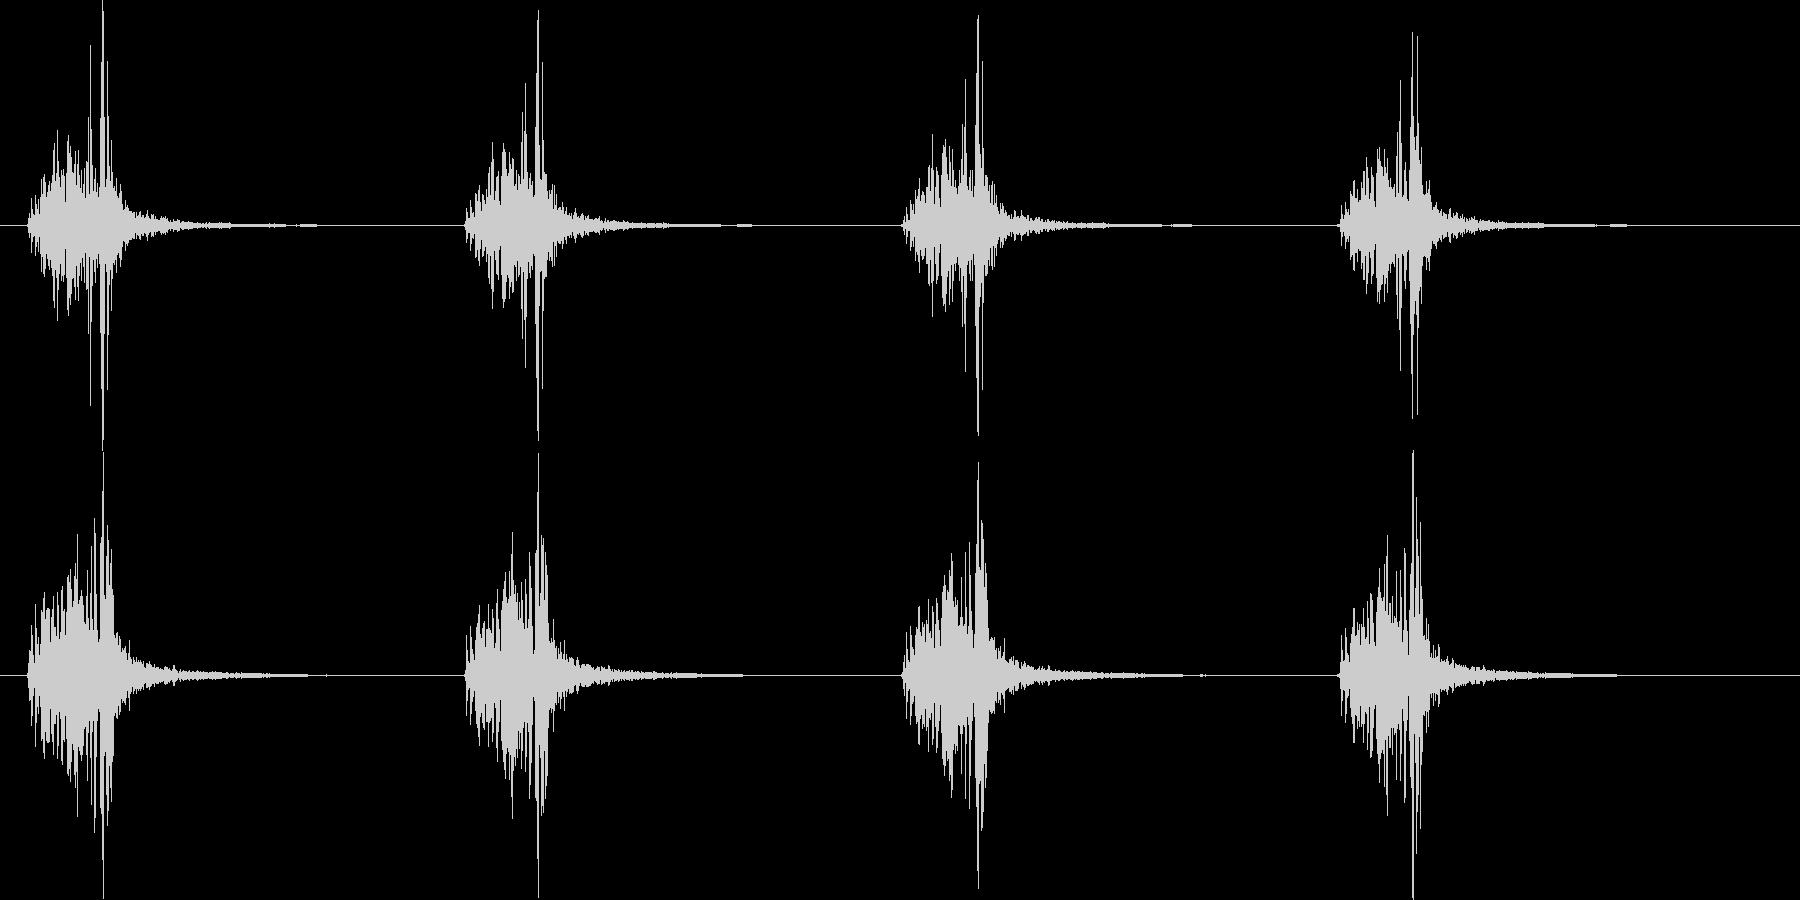 【手拍子】チャっチャっ(4分打ち)の未再生の波形